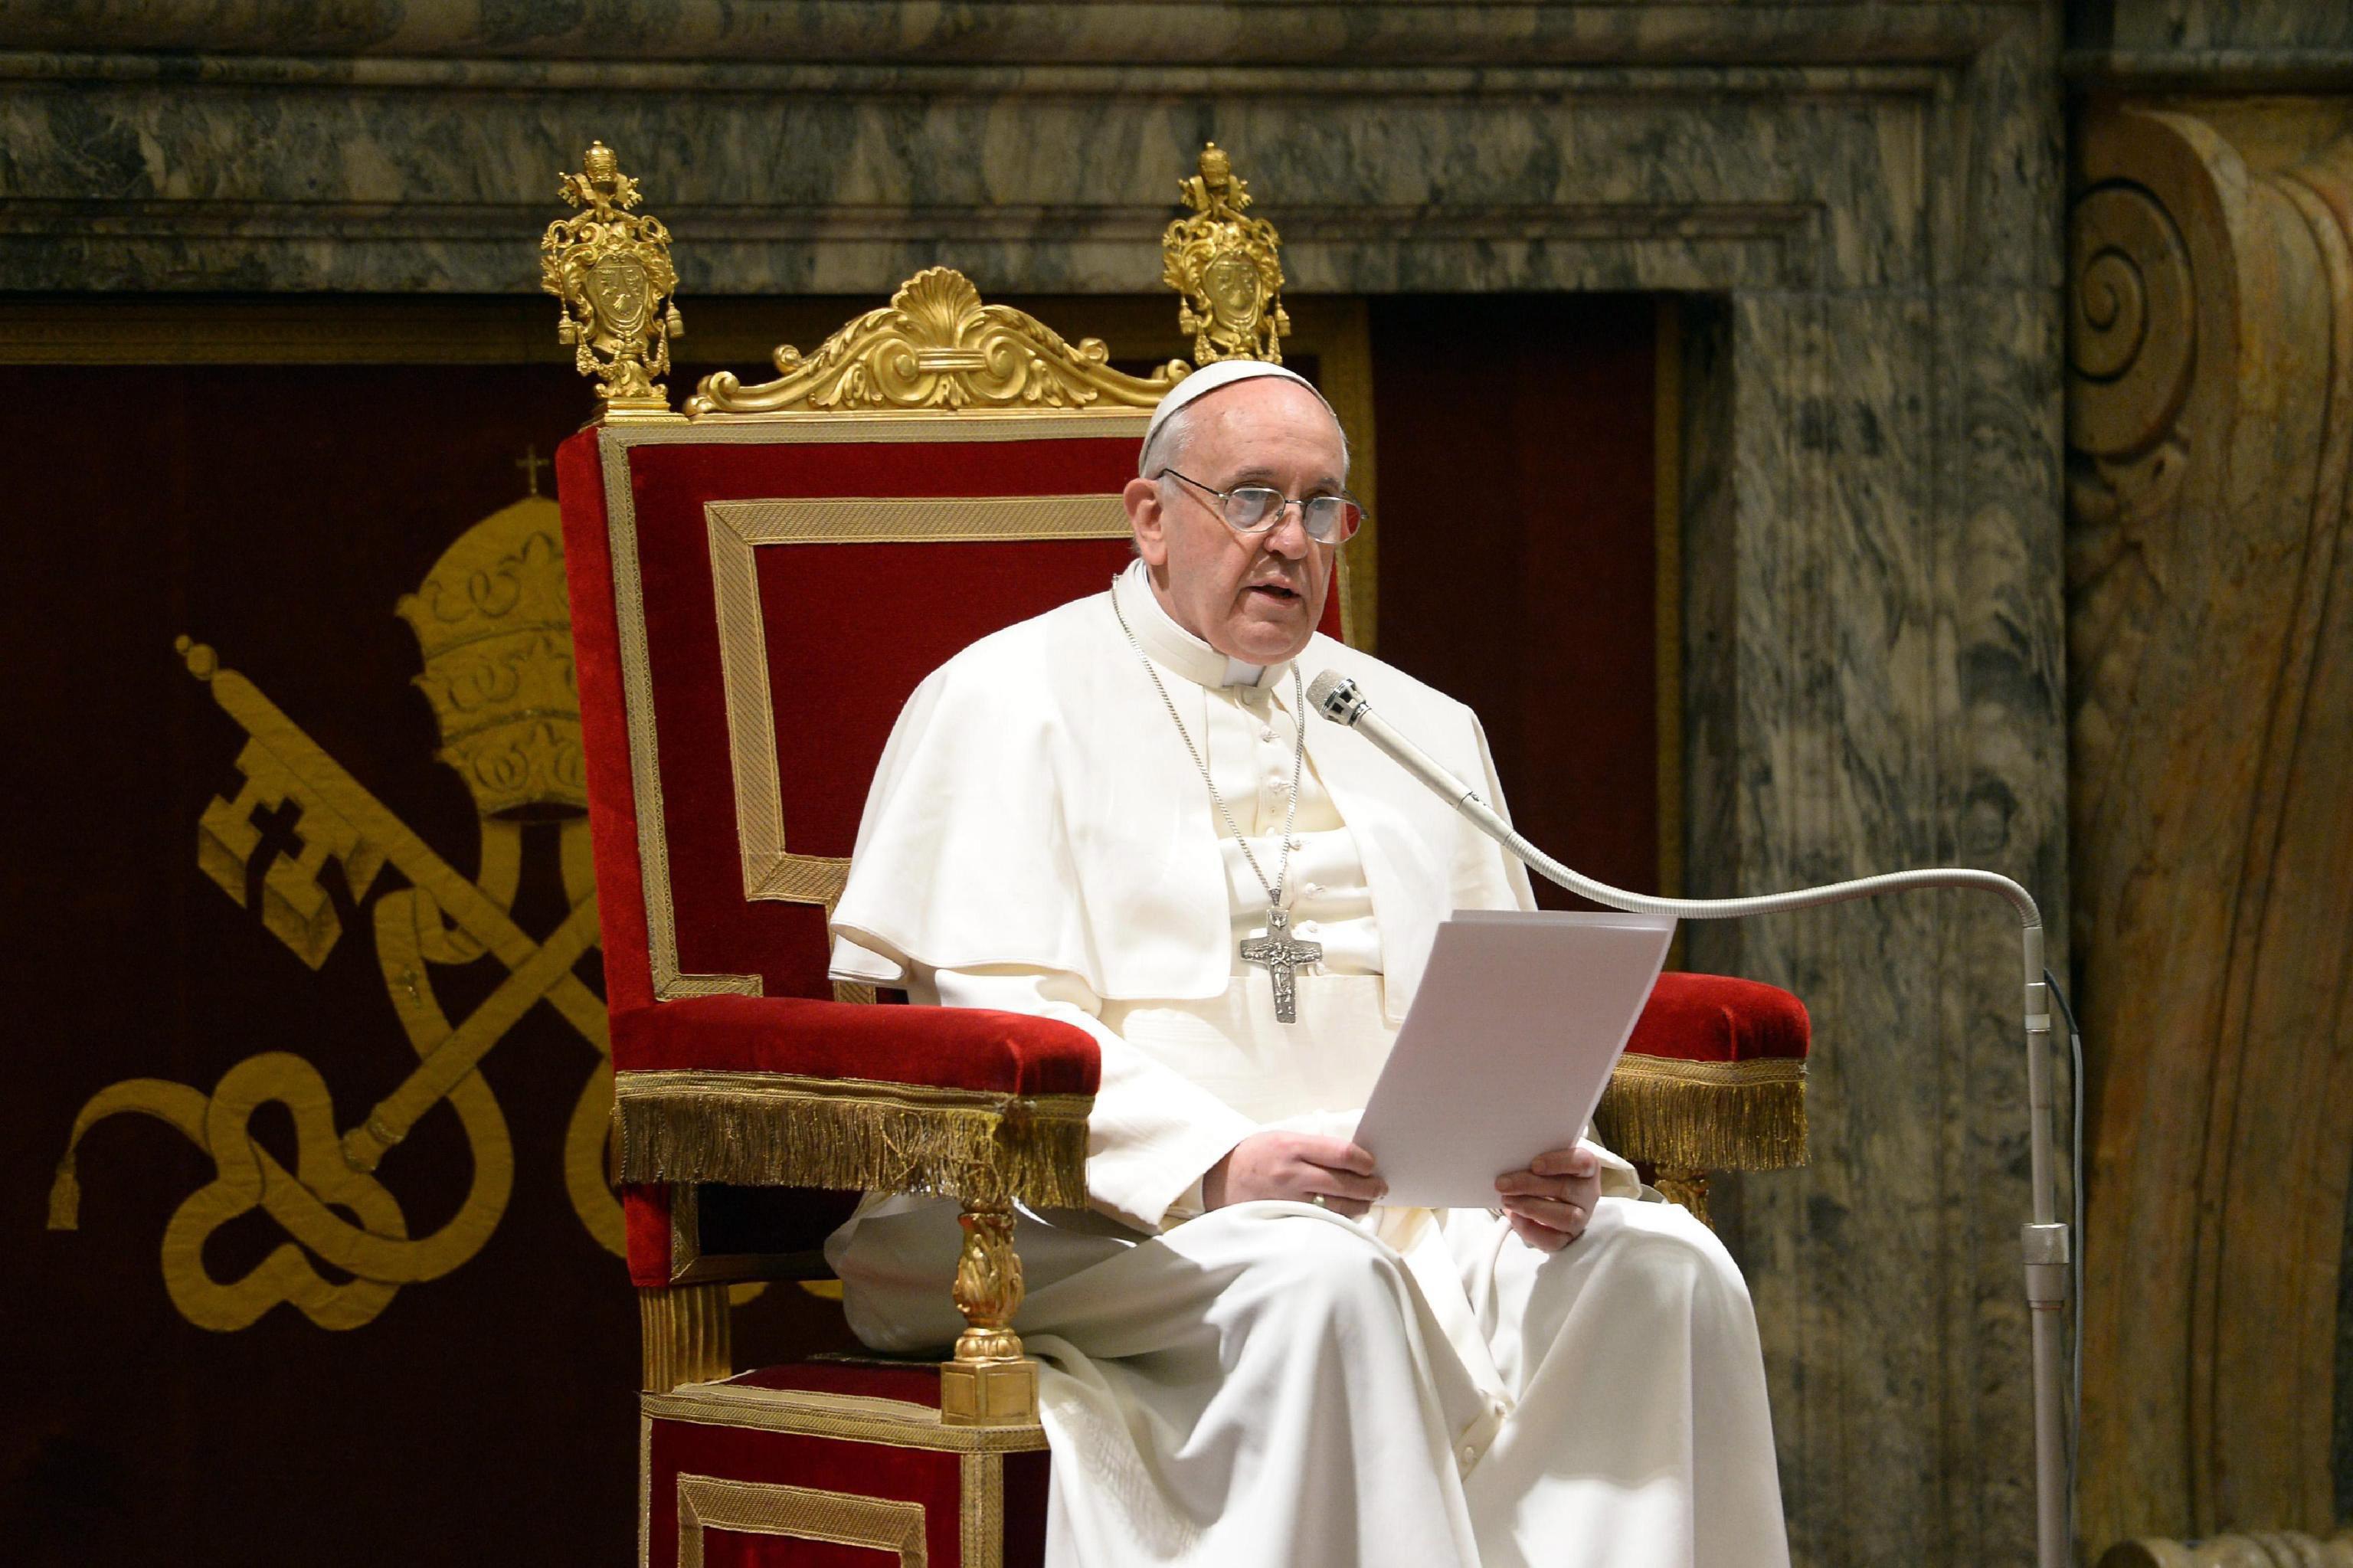 site comment un de choisir le rencontre rencontrer comment pape  Vous pouvez retrouver le descriptif la nuit de mardi à en lisant l'article consacré à.